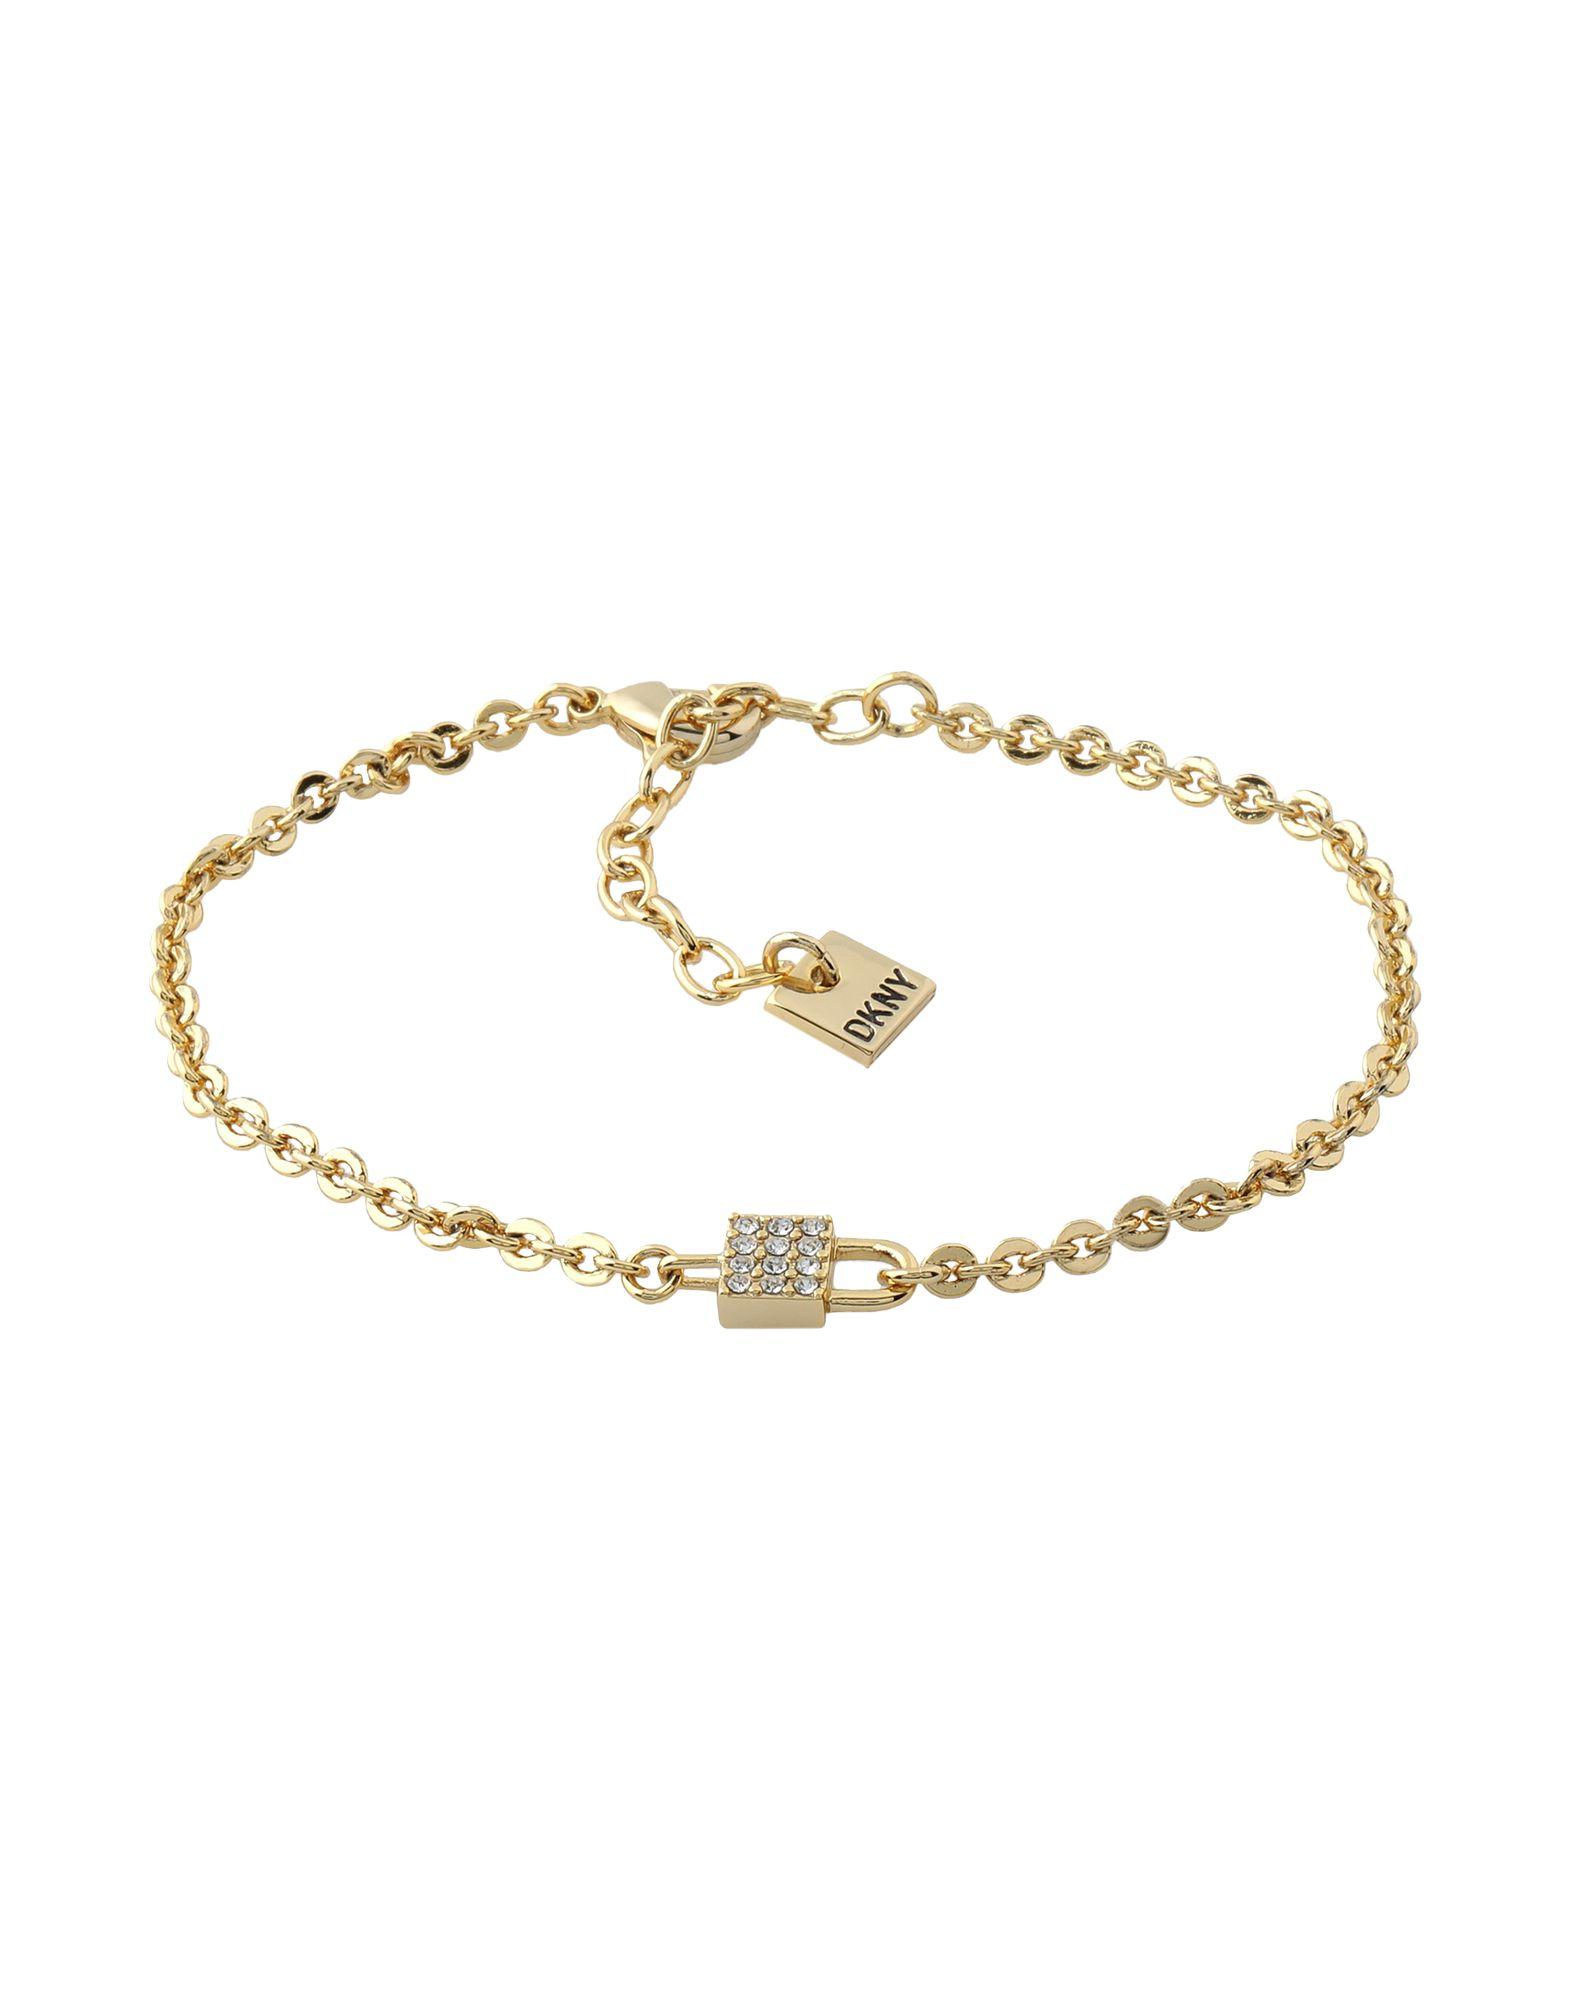 DKNY Bracelets - Item 50242119